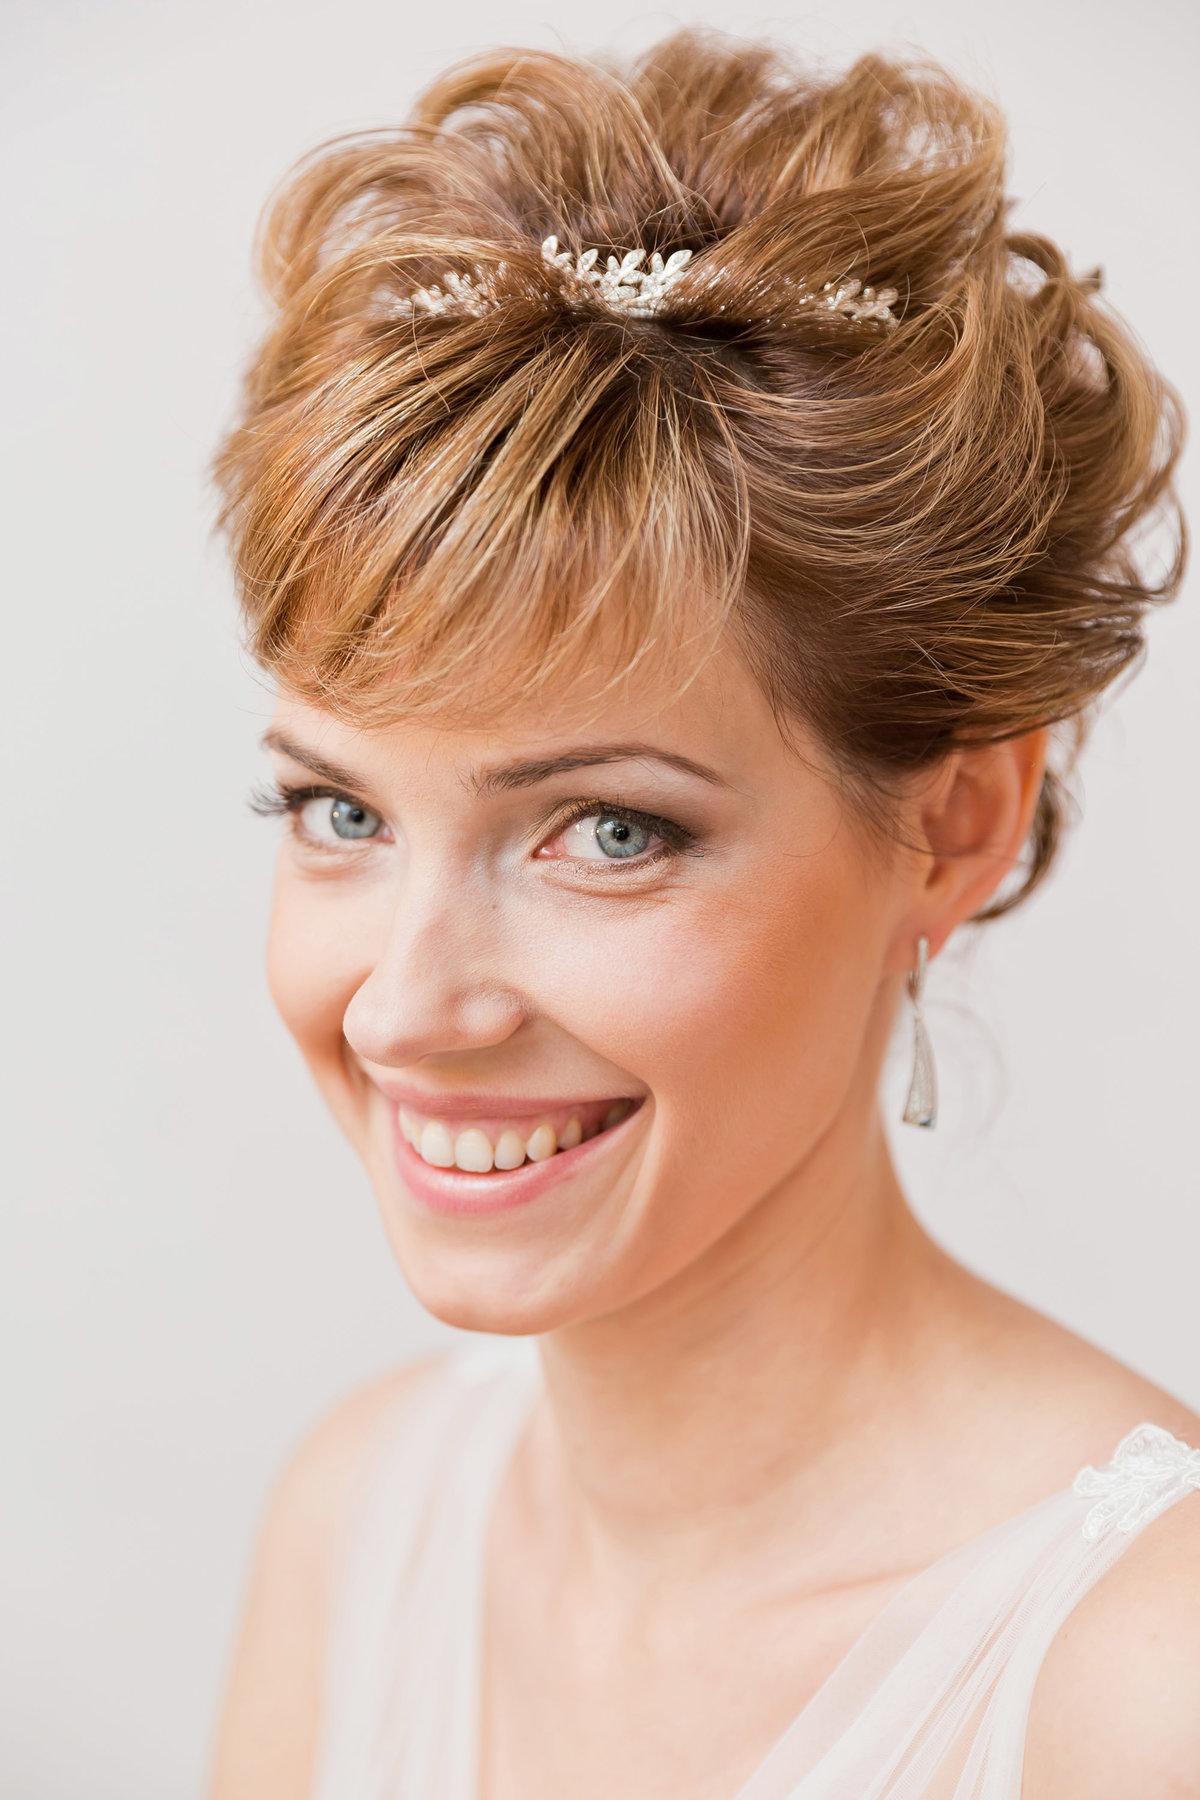 Прически на свадьбу для коротких волос для гостей фото